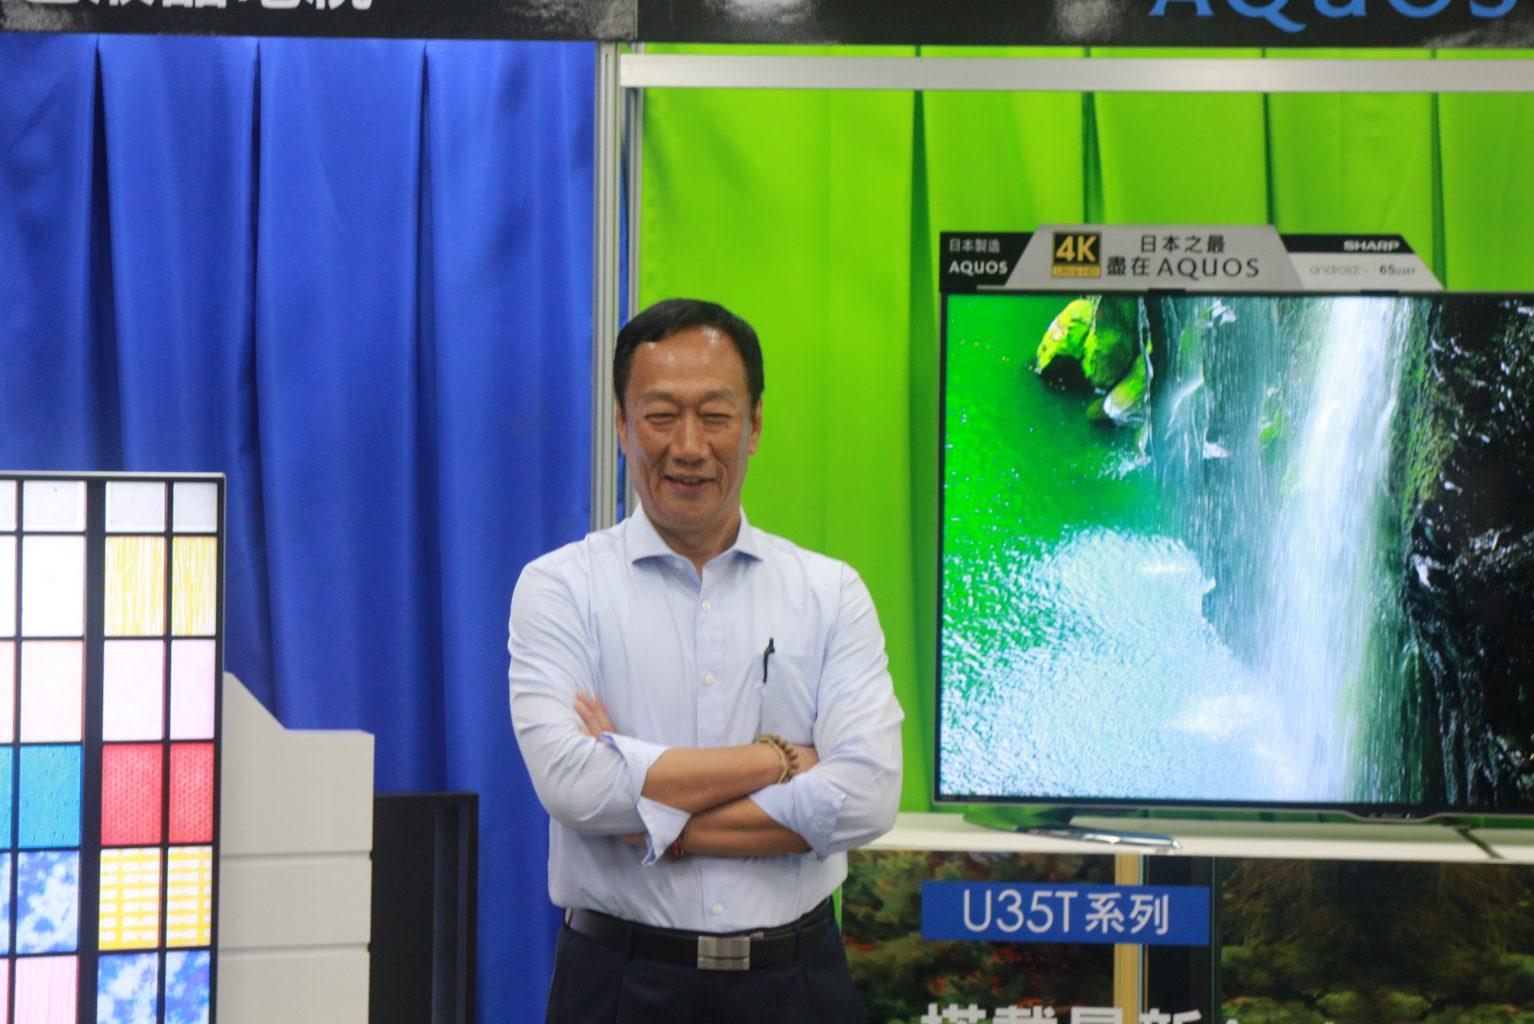 8 月 31 日夏普將在上海與台北全球首發 8K 電視